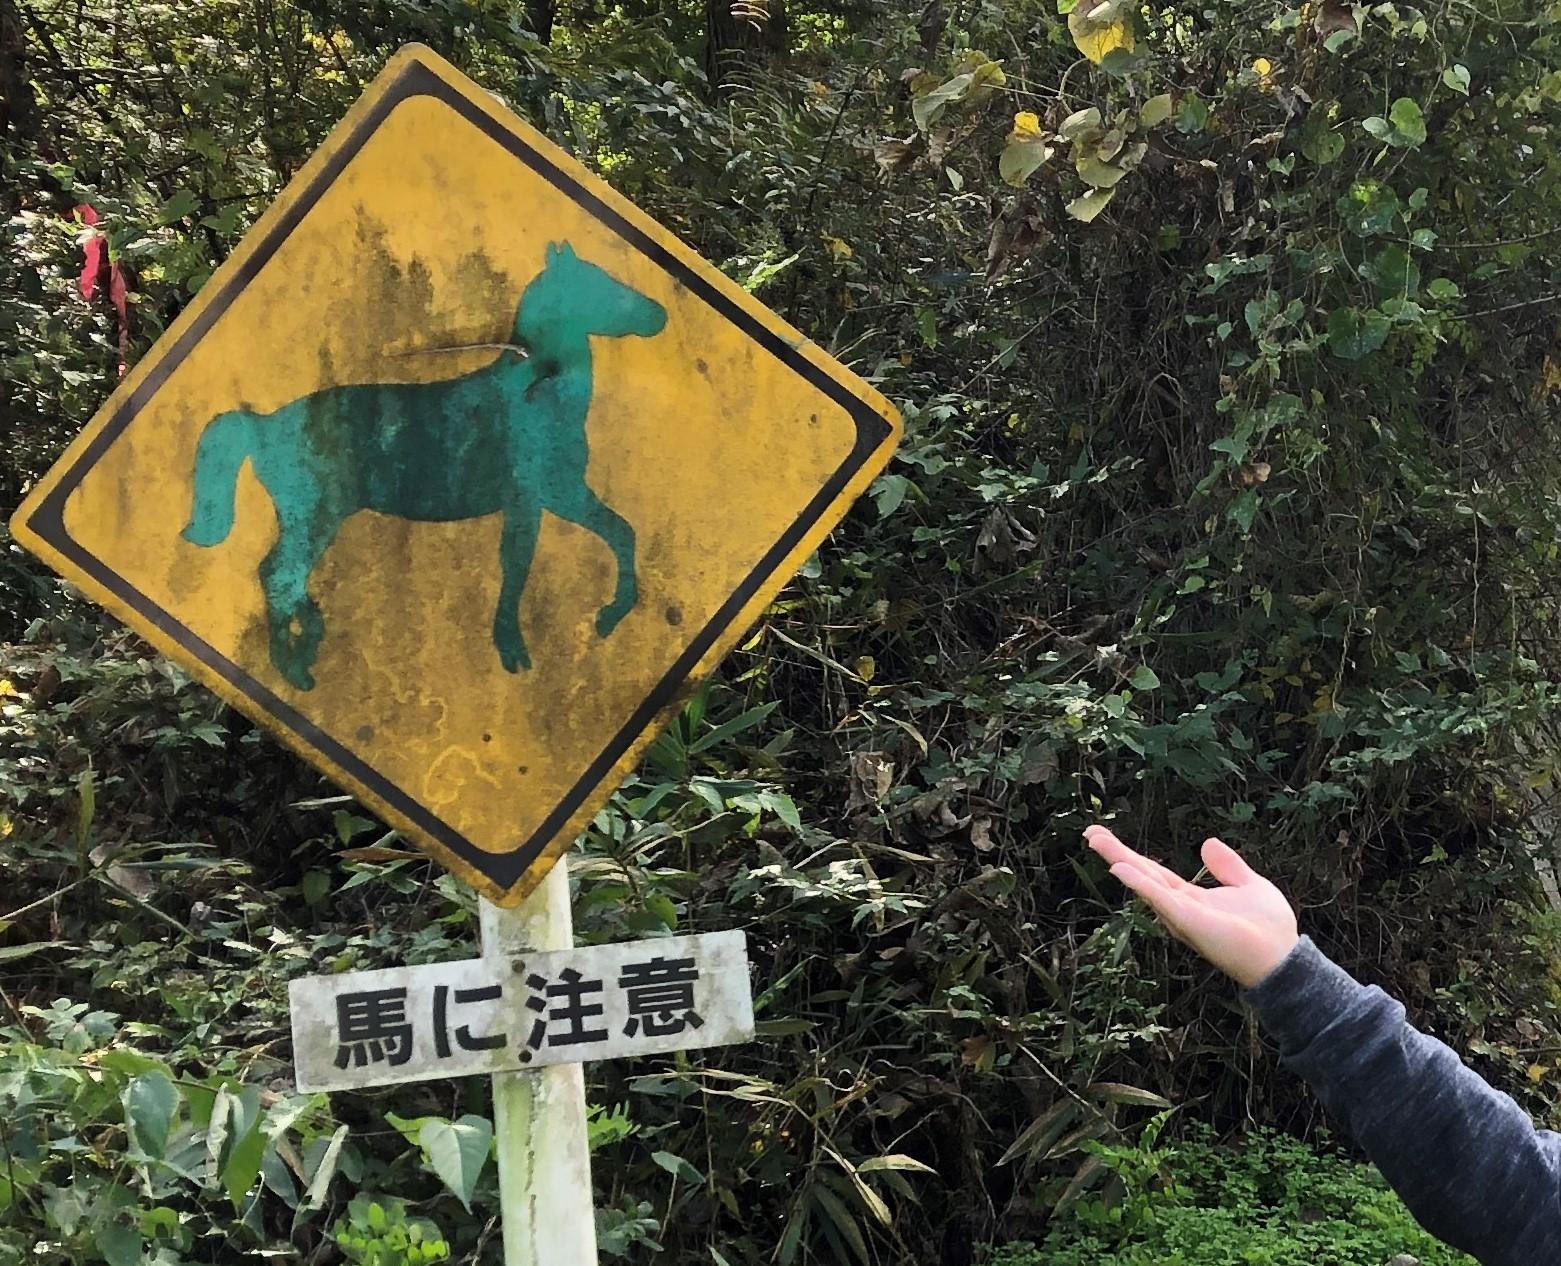 南信州の交差点名、面白標識のいくつかをあつめてみました(龍一の営業日誌)